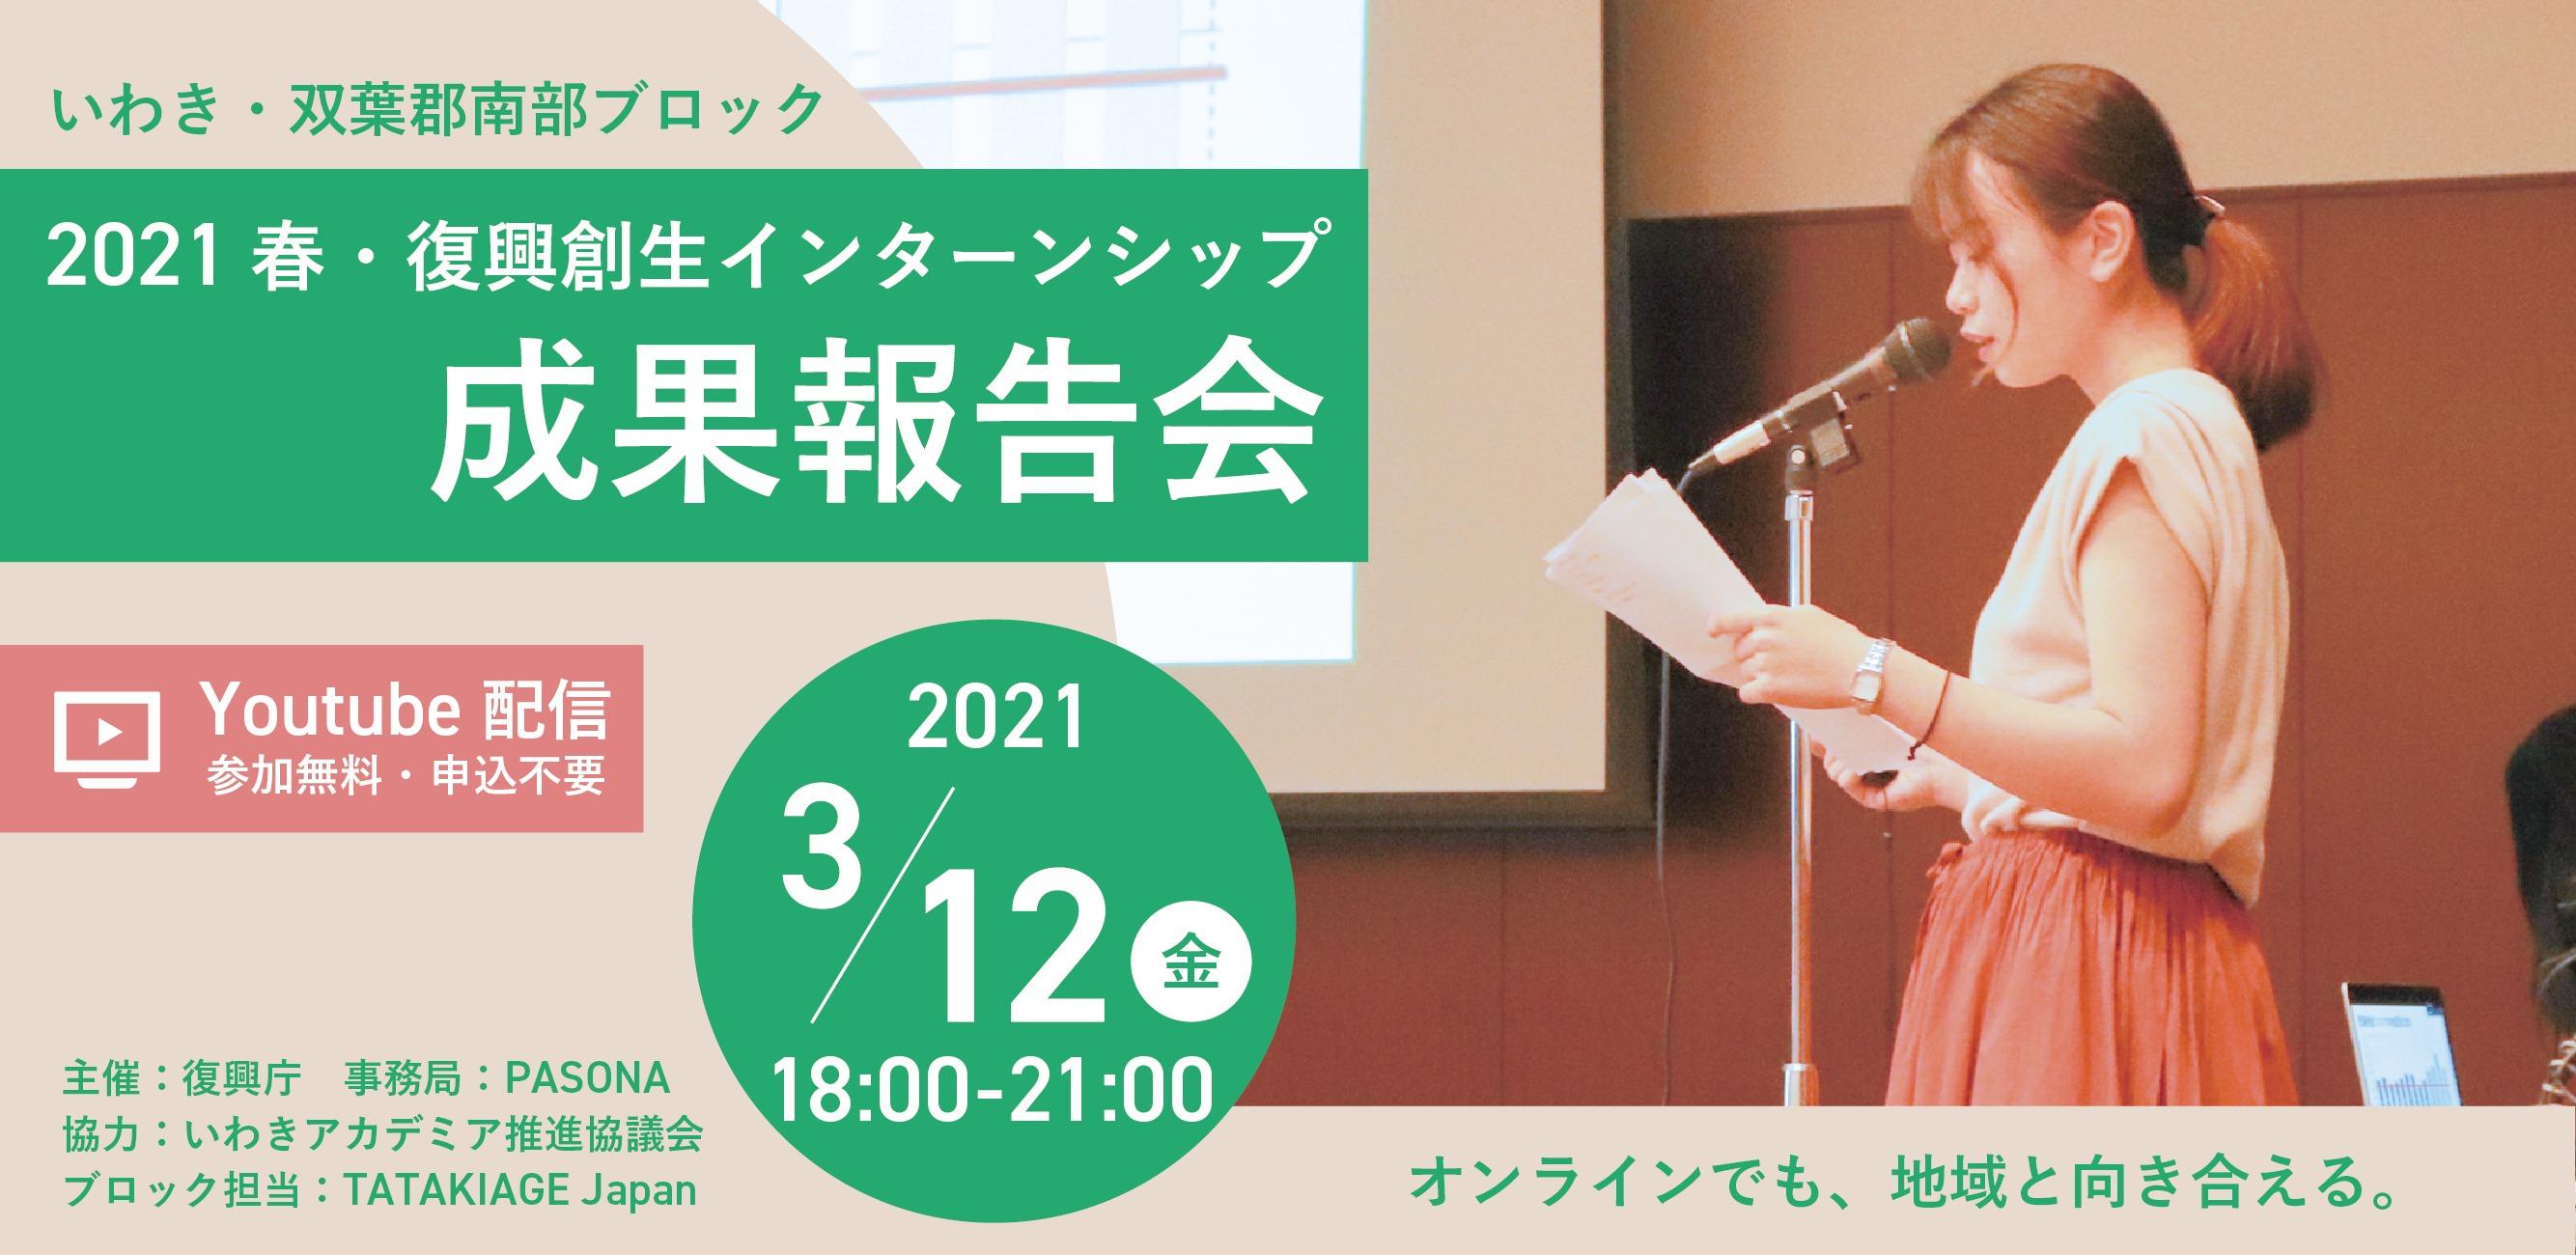 2021春・復興創生インターンシップ<br/>成果報告会開催!!